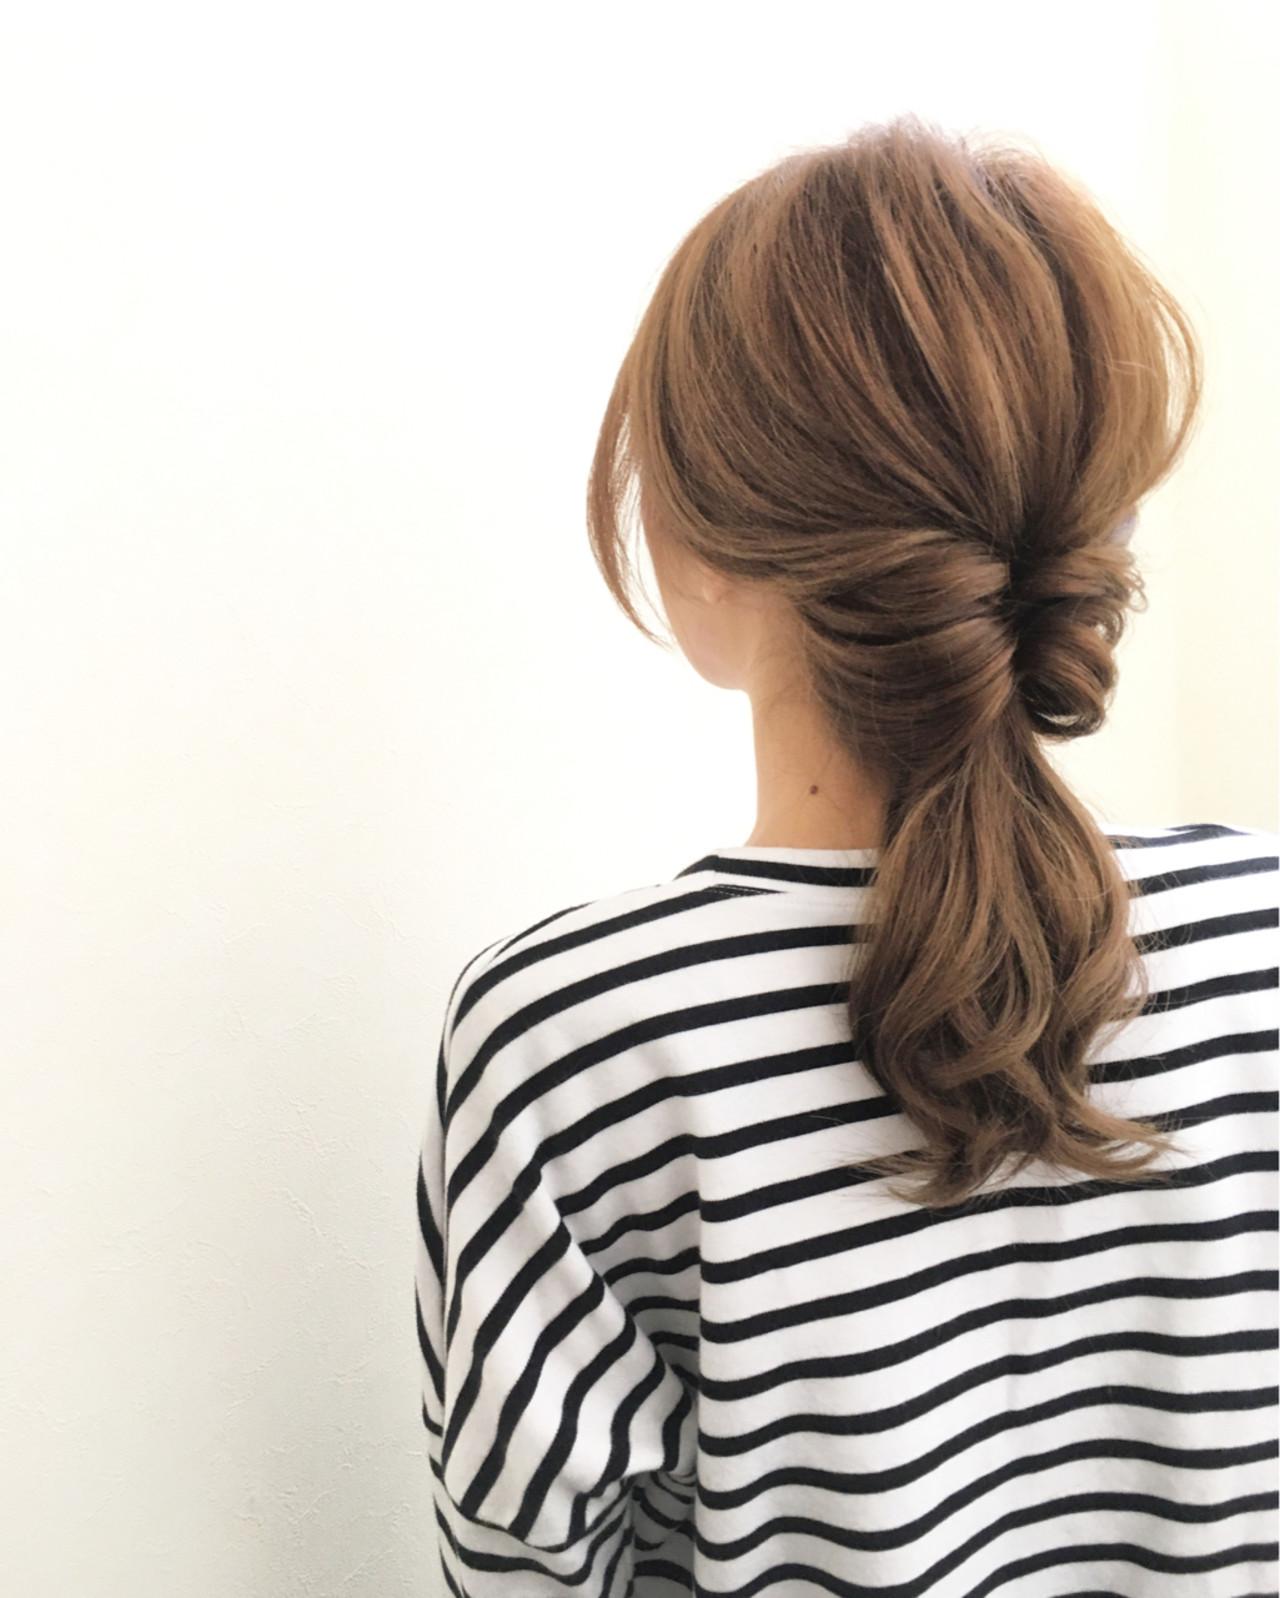 3分でワンランク上のオシャレママさんに!忙しい人のためのヘアアレンジ特集。 ryota kuwamura / hair make Full throttle